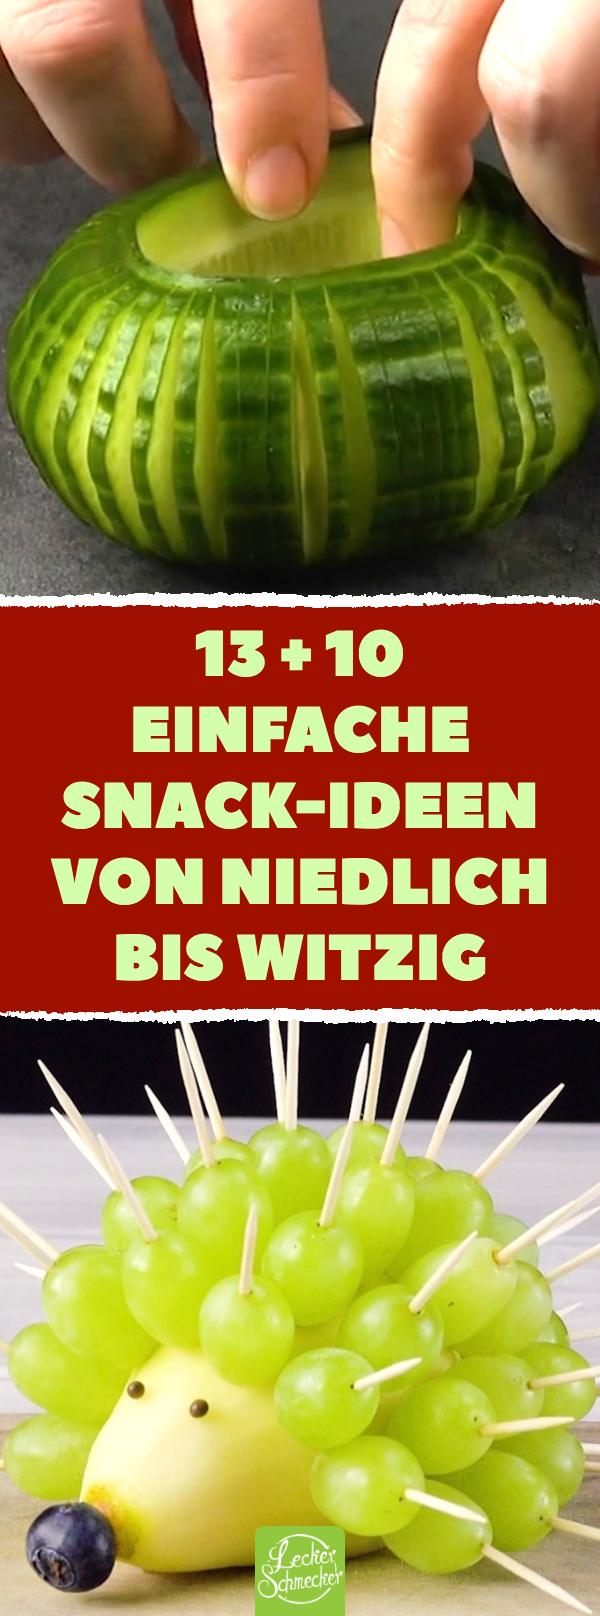 13 + 10 einfache Snack-Ideen von niedlich bis witzig. 23 Ideen: Obst, Gemüse & Kekse zu hübschen Snacks schneiden. #rezepte #obst #gemüse #kekse #snacks #leckerschmecker #obstgemüse